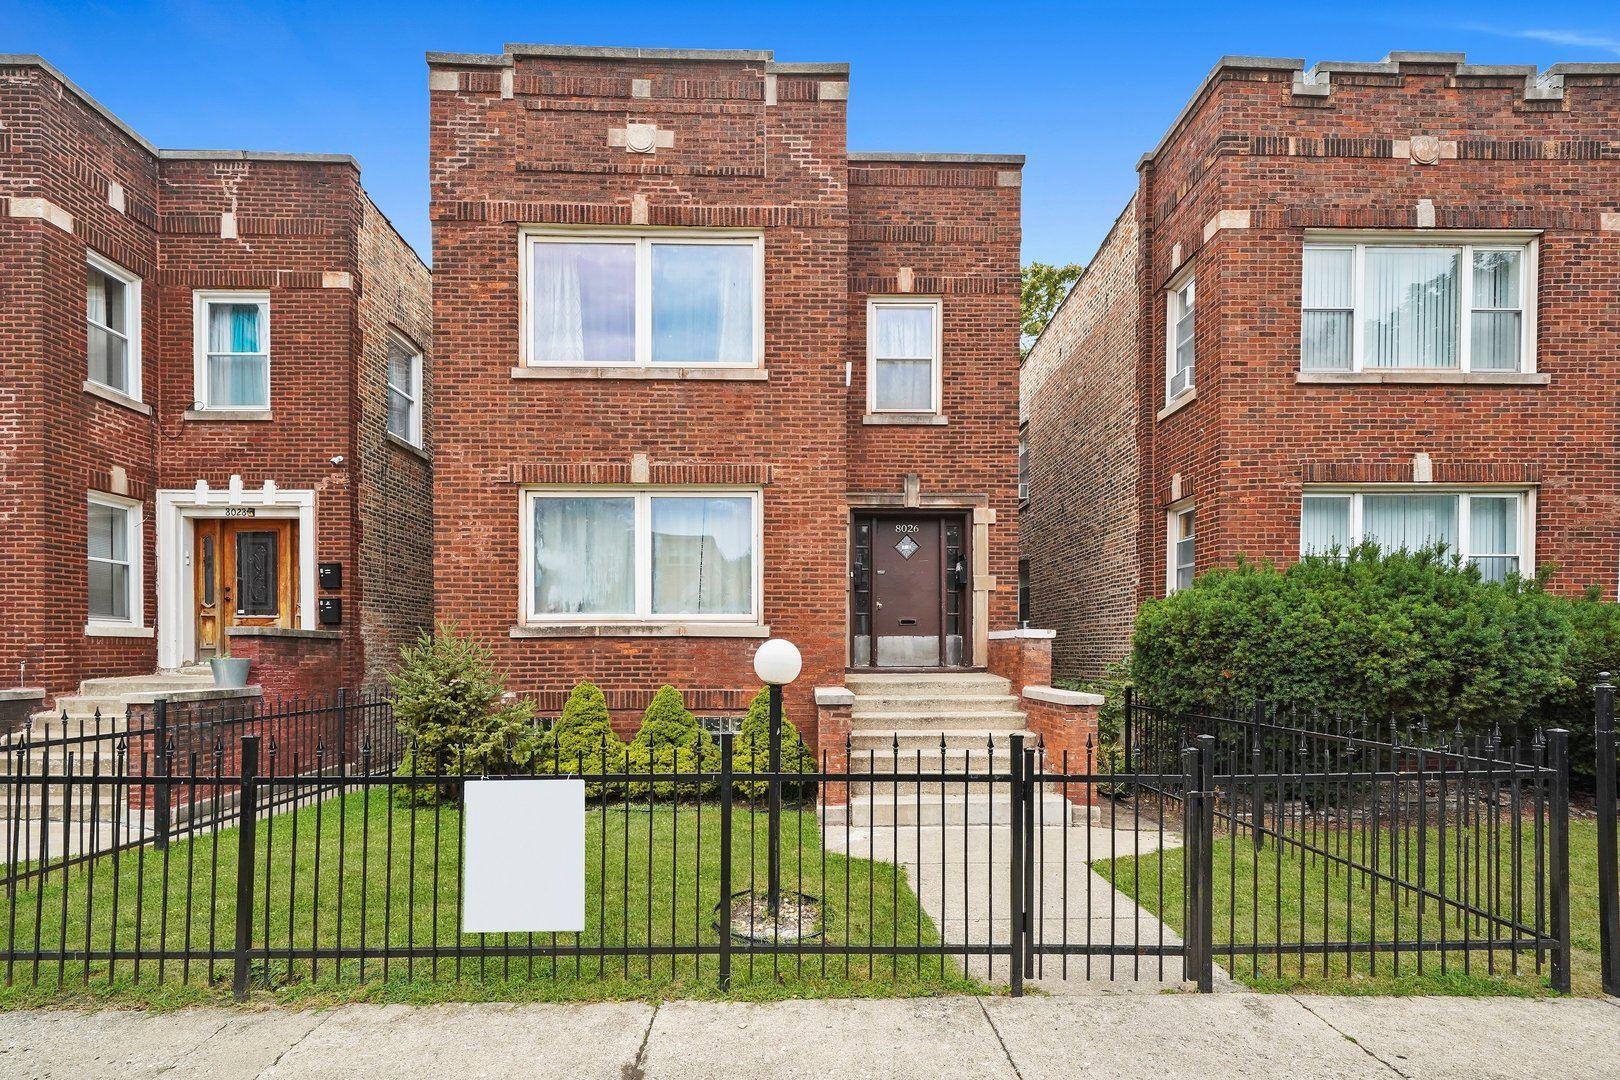 8026 S Dobson Avenue, Chicago, IL 60619 - #: 11213508